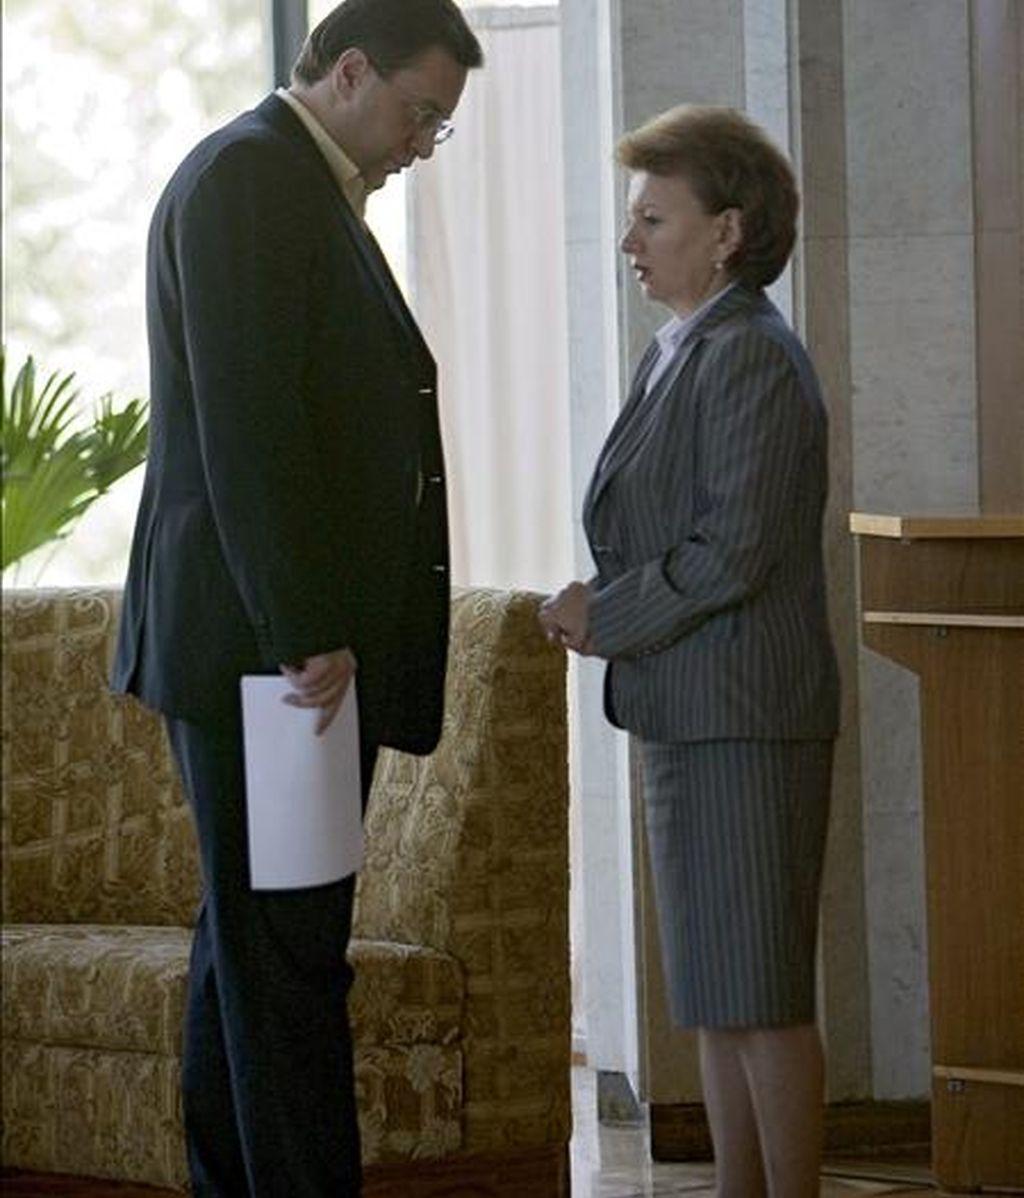 El ex presidente de Moldavia, Marian Lupu, (i), conversa con la ex primer ministro de Moldavia, Zinaida Grecianii, (d), en el Palacio de la República en Chisinau, Moldavia, el pasado 28 de mayo. EFE/Archivo